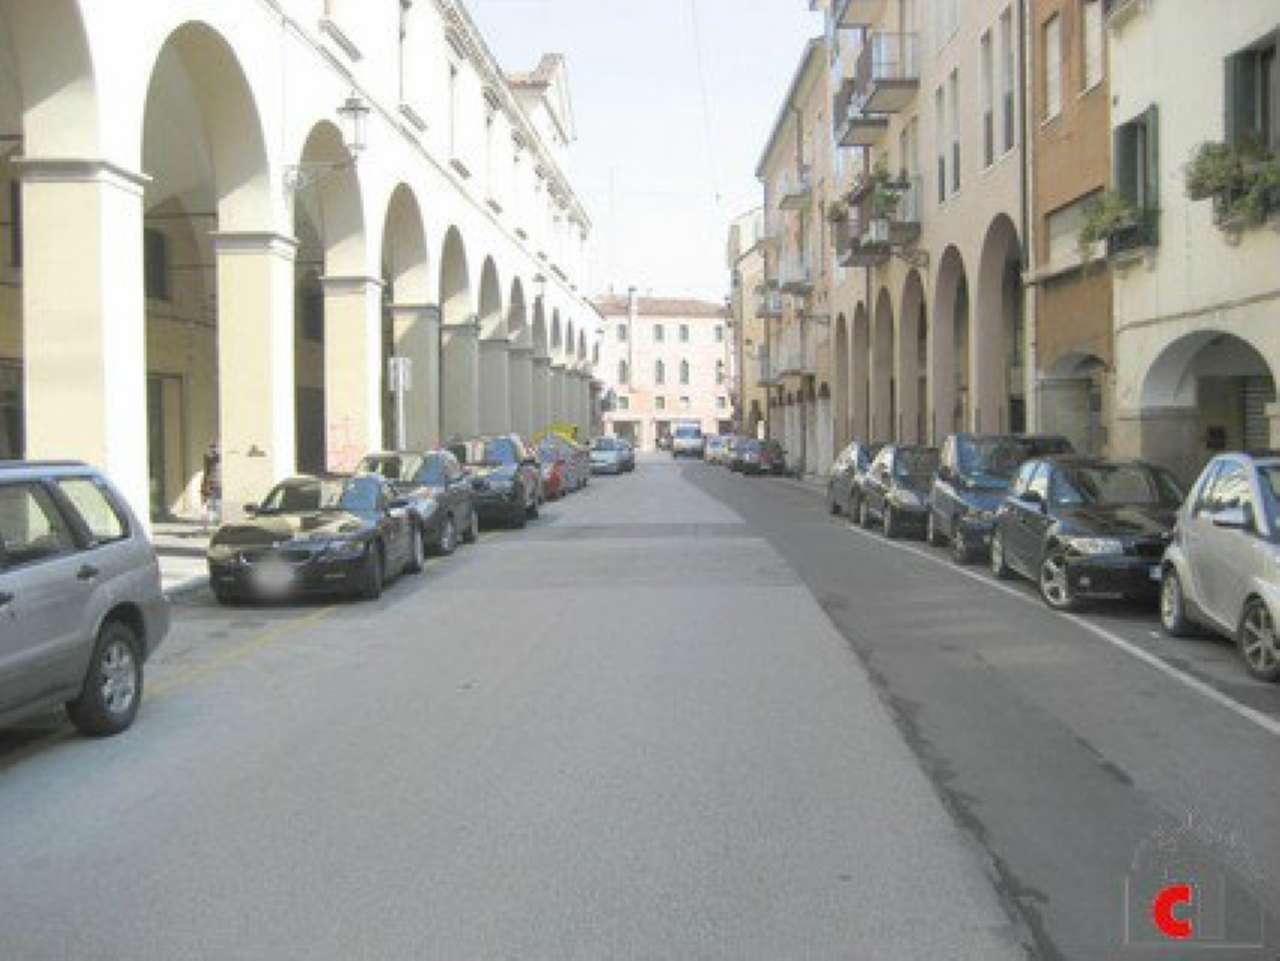 Palazzo / Stabile in vendita a Padova, 8 locali, zona Zona: 1 . Centro, prezzo € 470.000 | CambioCasa.it